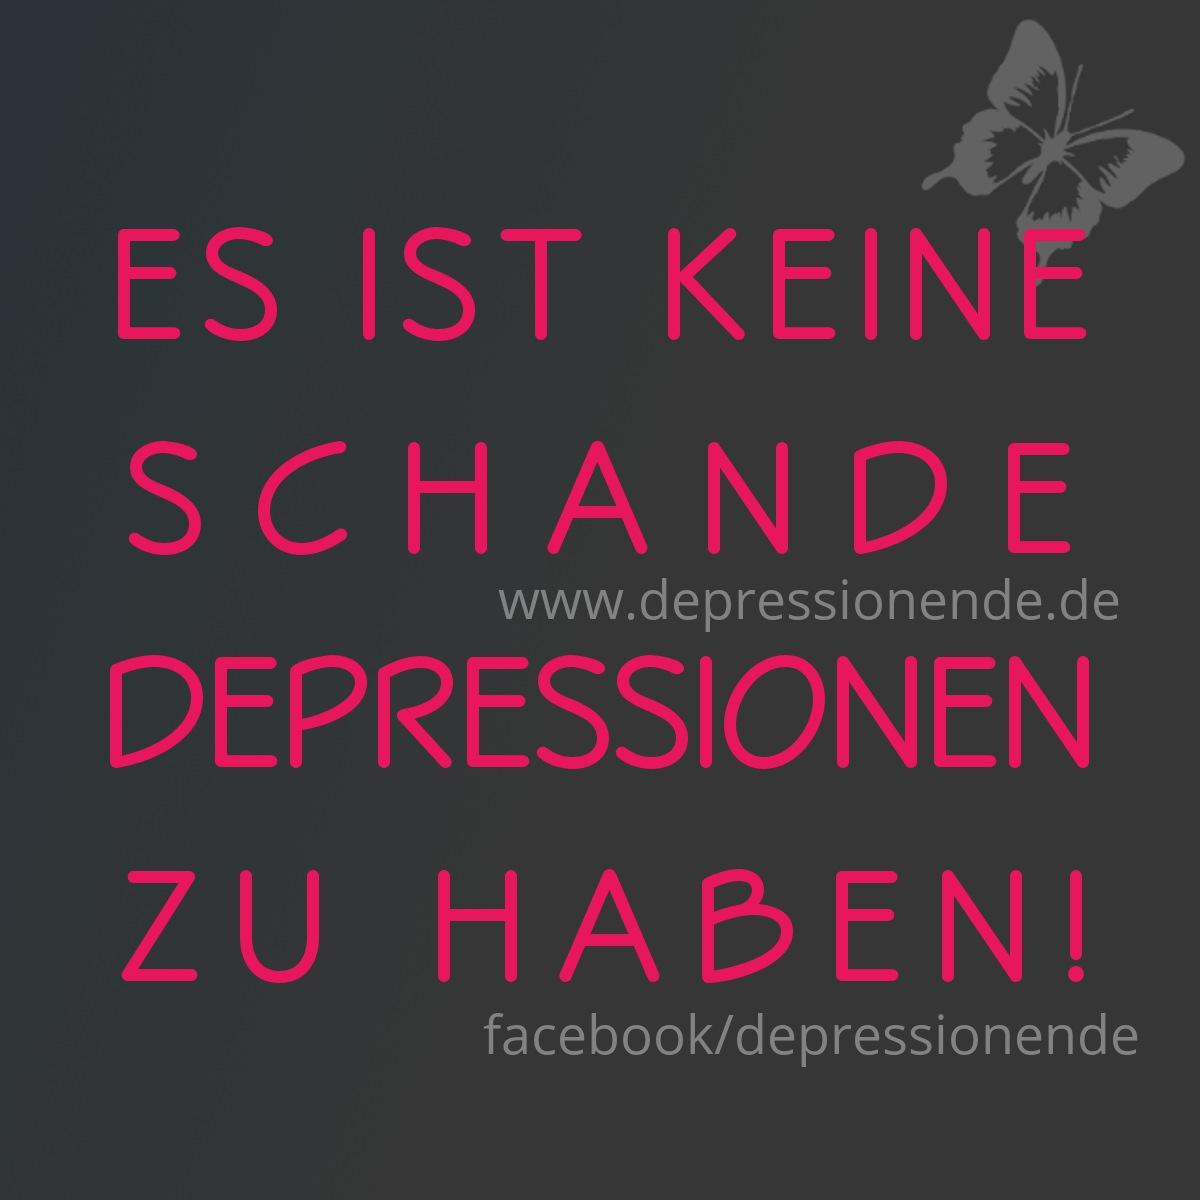 Spruchbild: Es ist keine Schande, Depressionen zu haben!!!